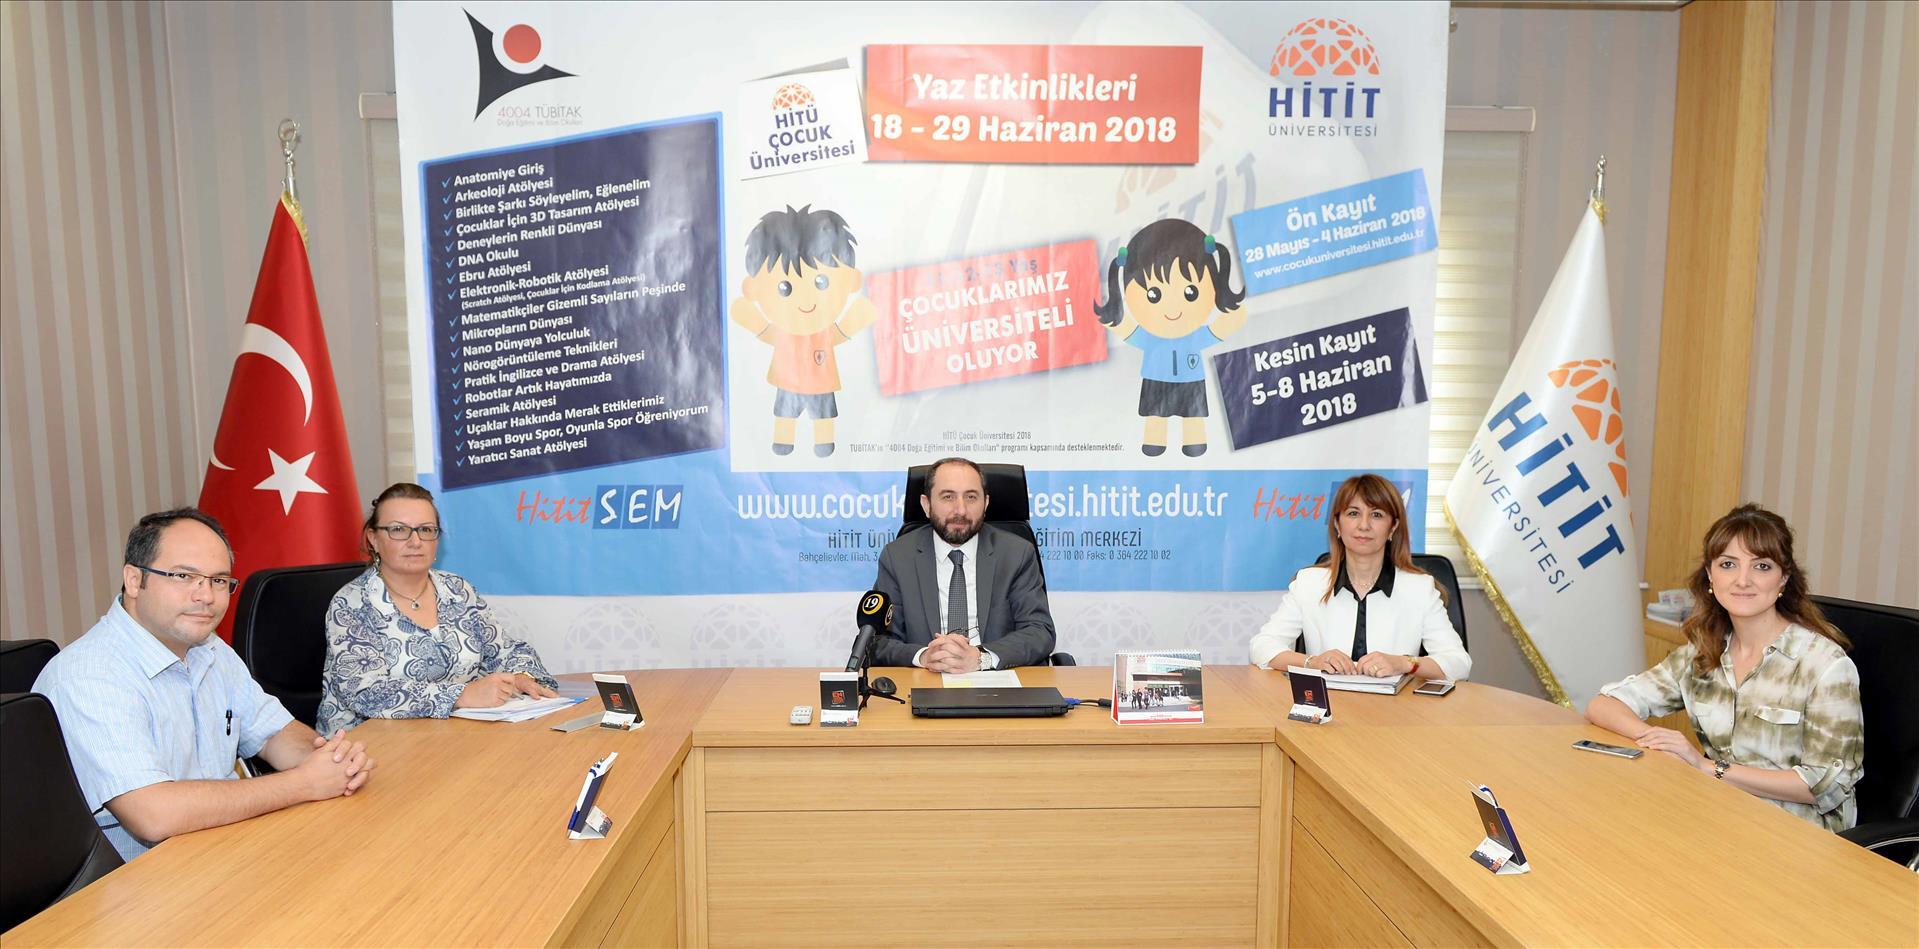 """""""HİTÜ Çocuk Üniversitesi 2018"""" Etkinlikleri Tanıtım Toplantısı Yapıldı"""